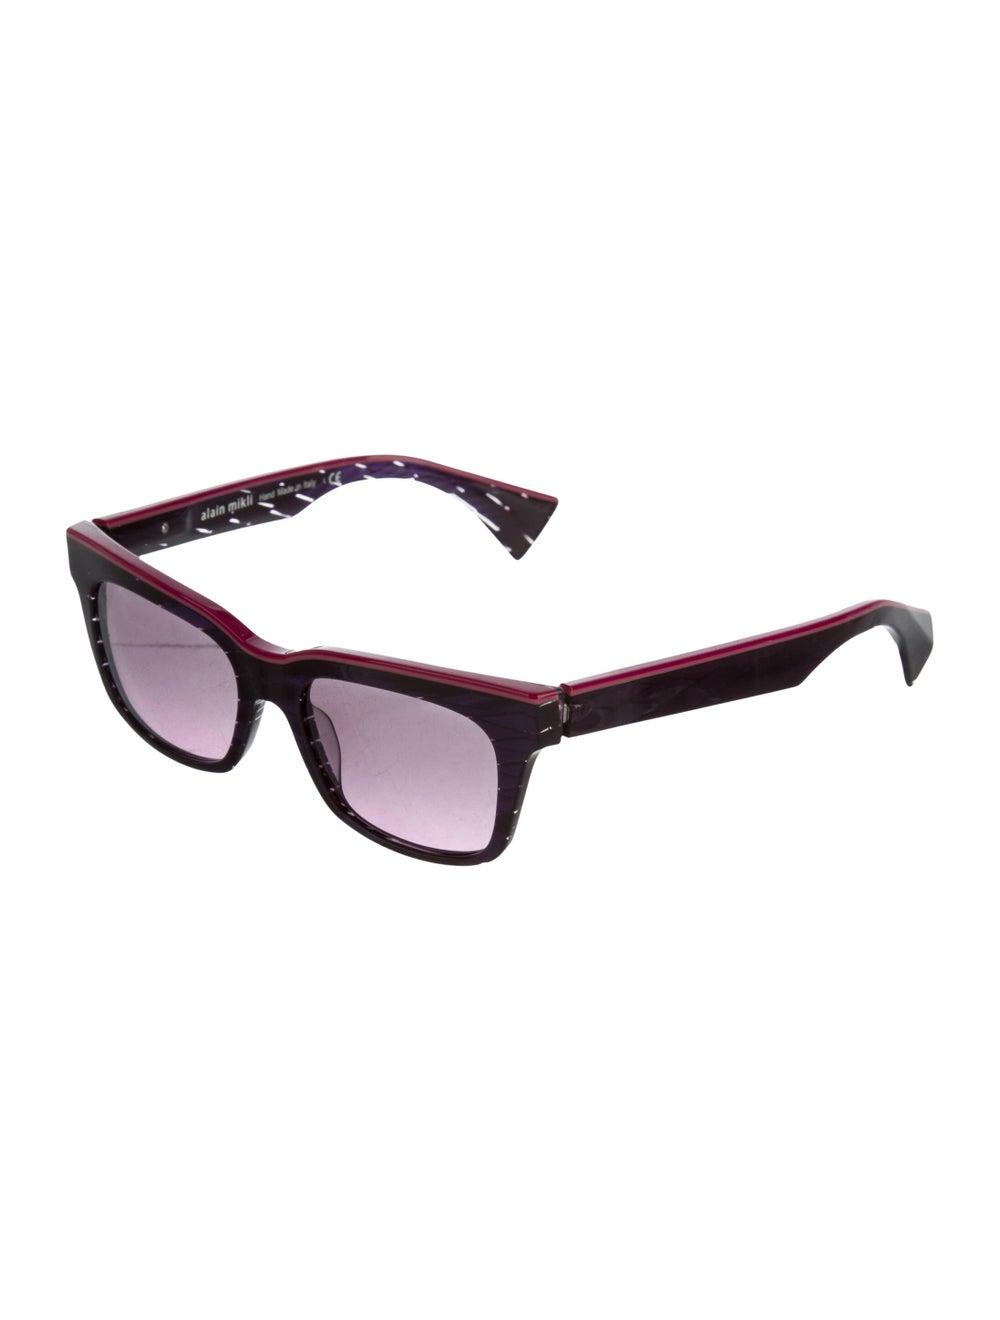 Alain Mikli Square Tinted Sunglasses Purple - image 2